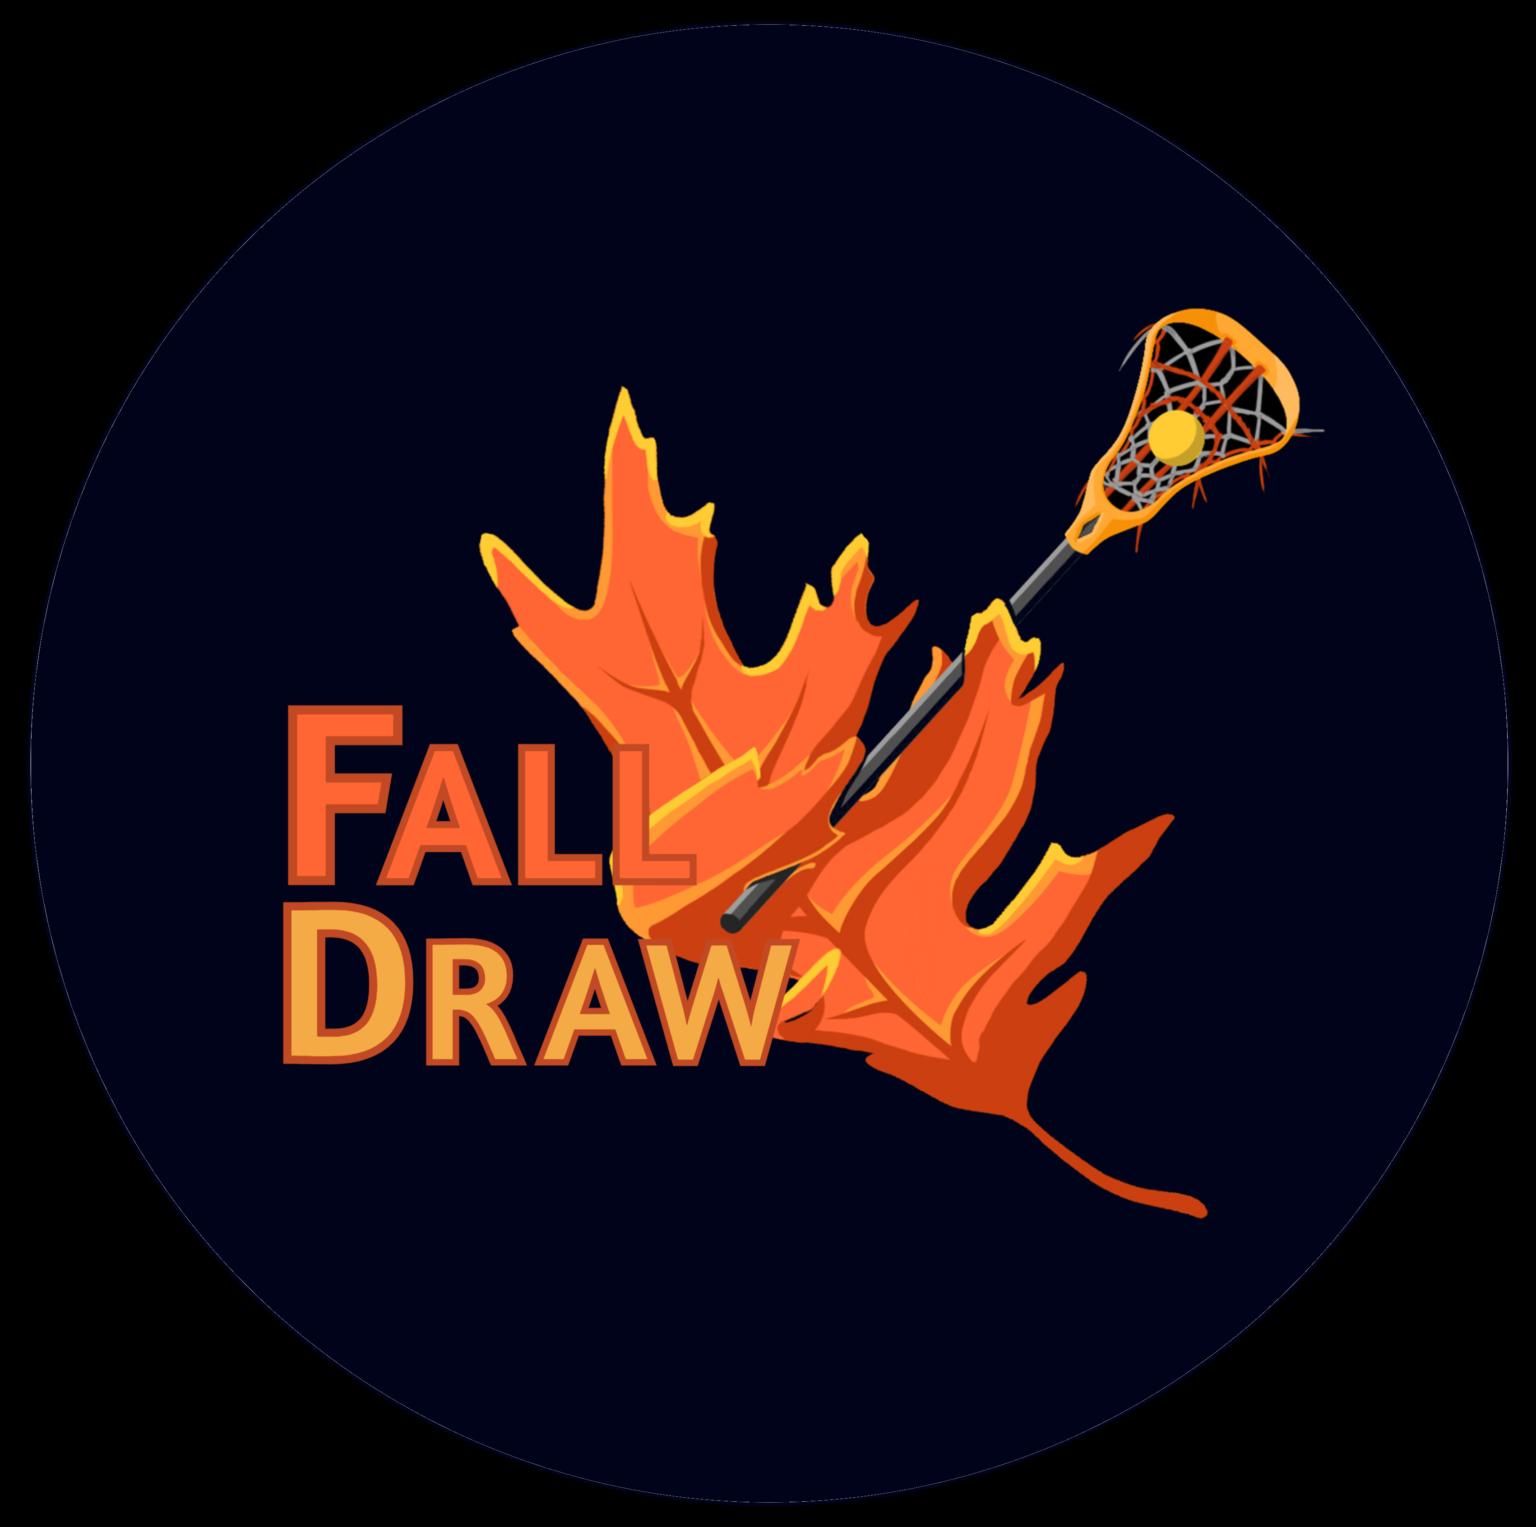 Fall Draw